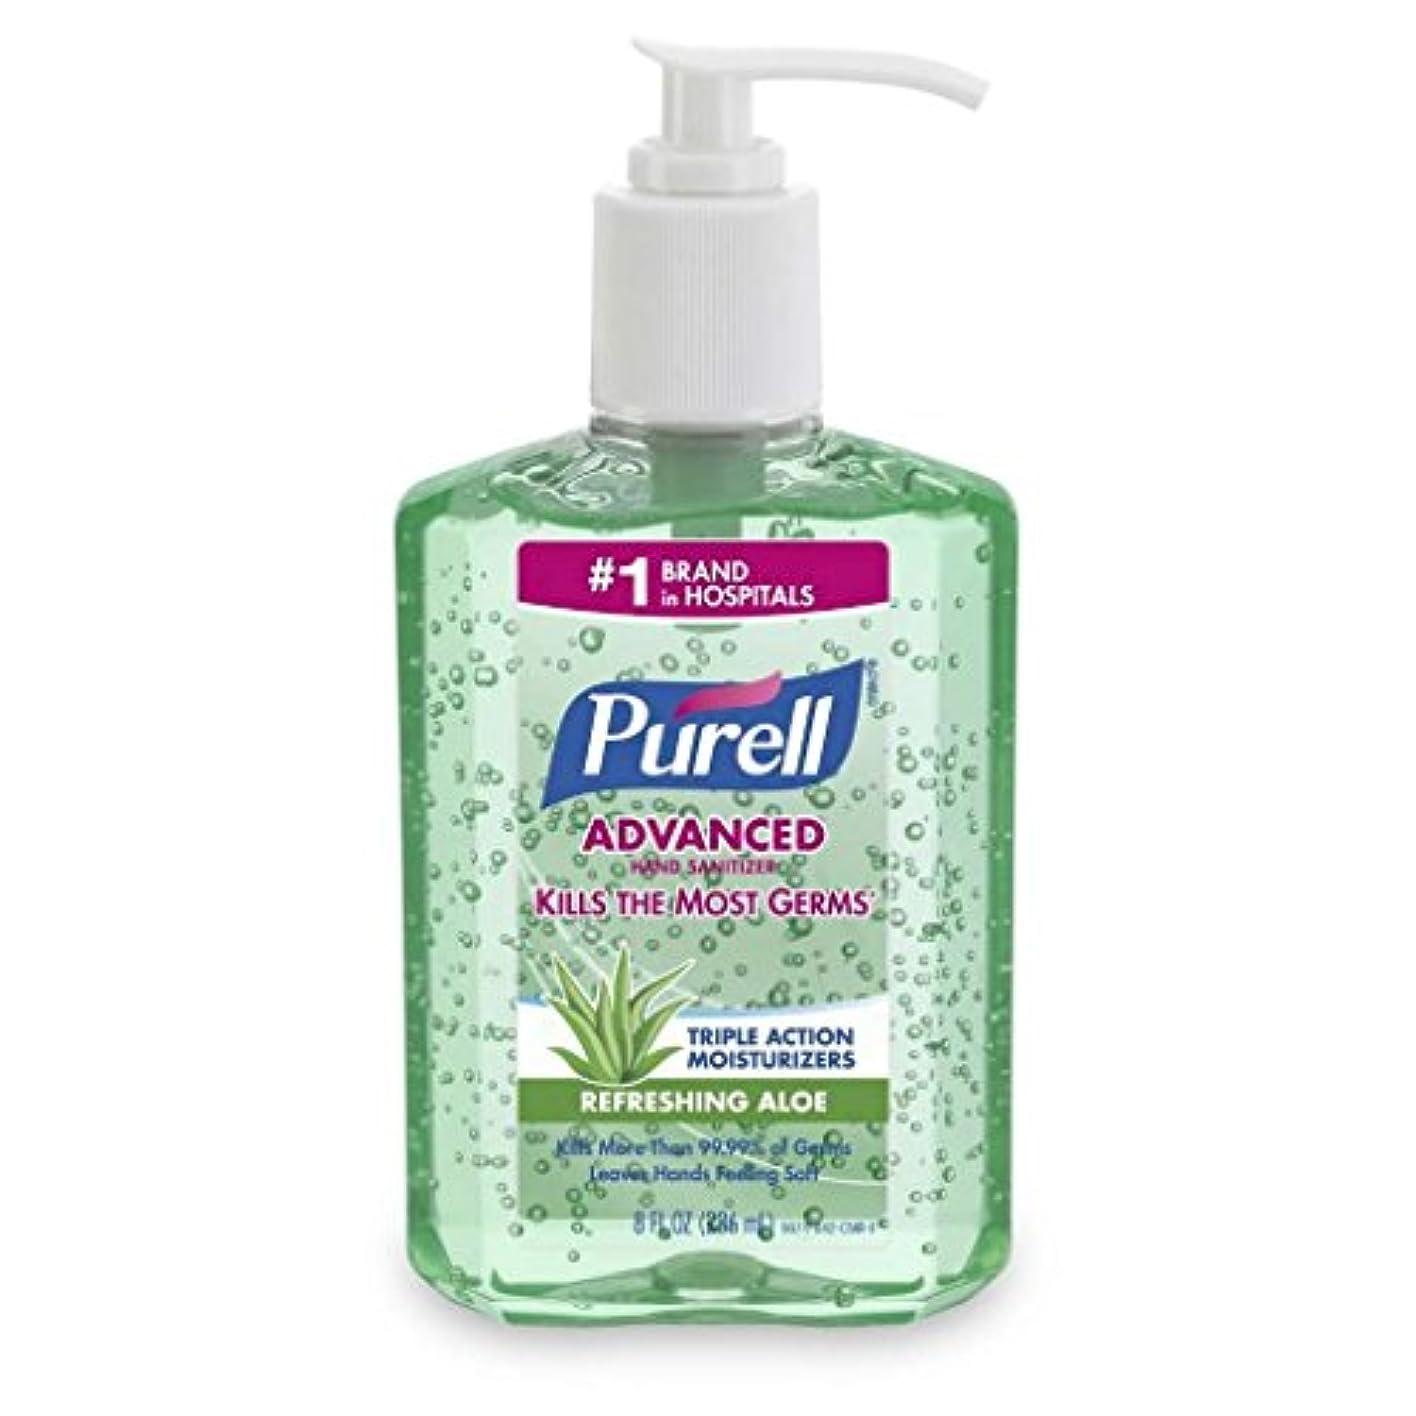 部屋を掃除するページテレビ局Gojo PURELL HAND消毒剤ALOE 8 OZ